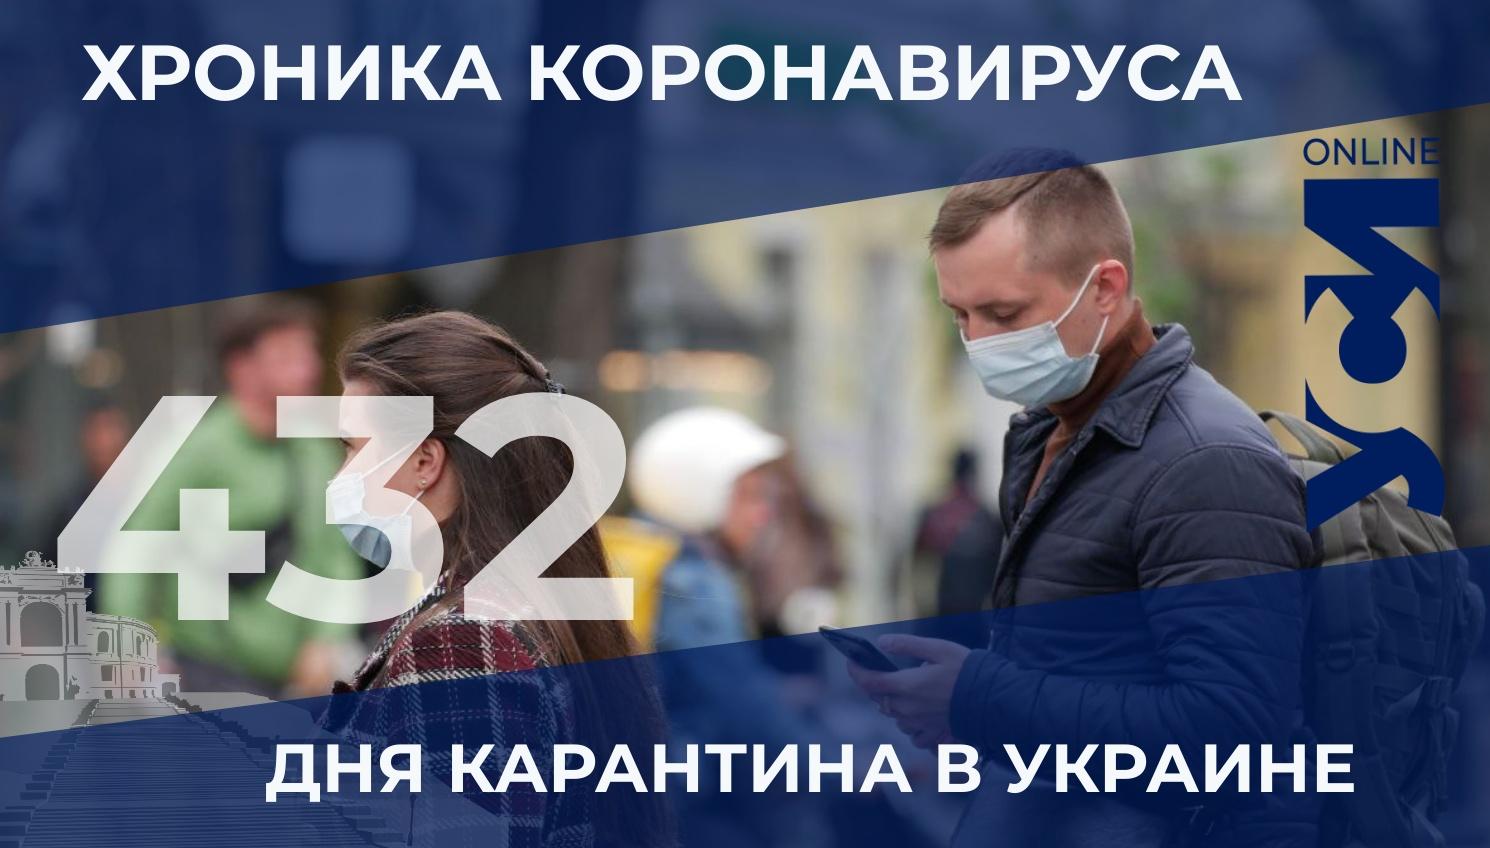 Хроника пандемии: в Одесской области снизился уровень заболеваемости «фото»